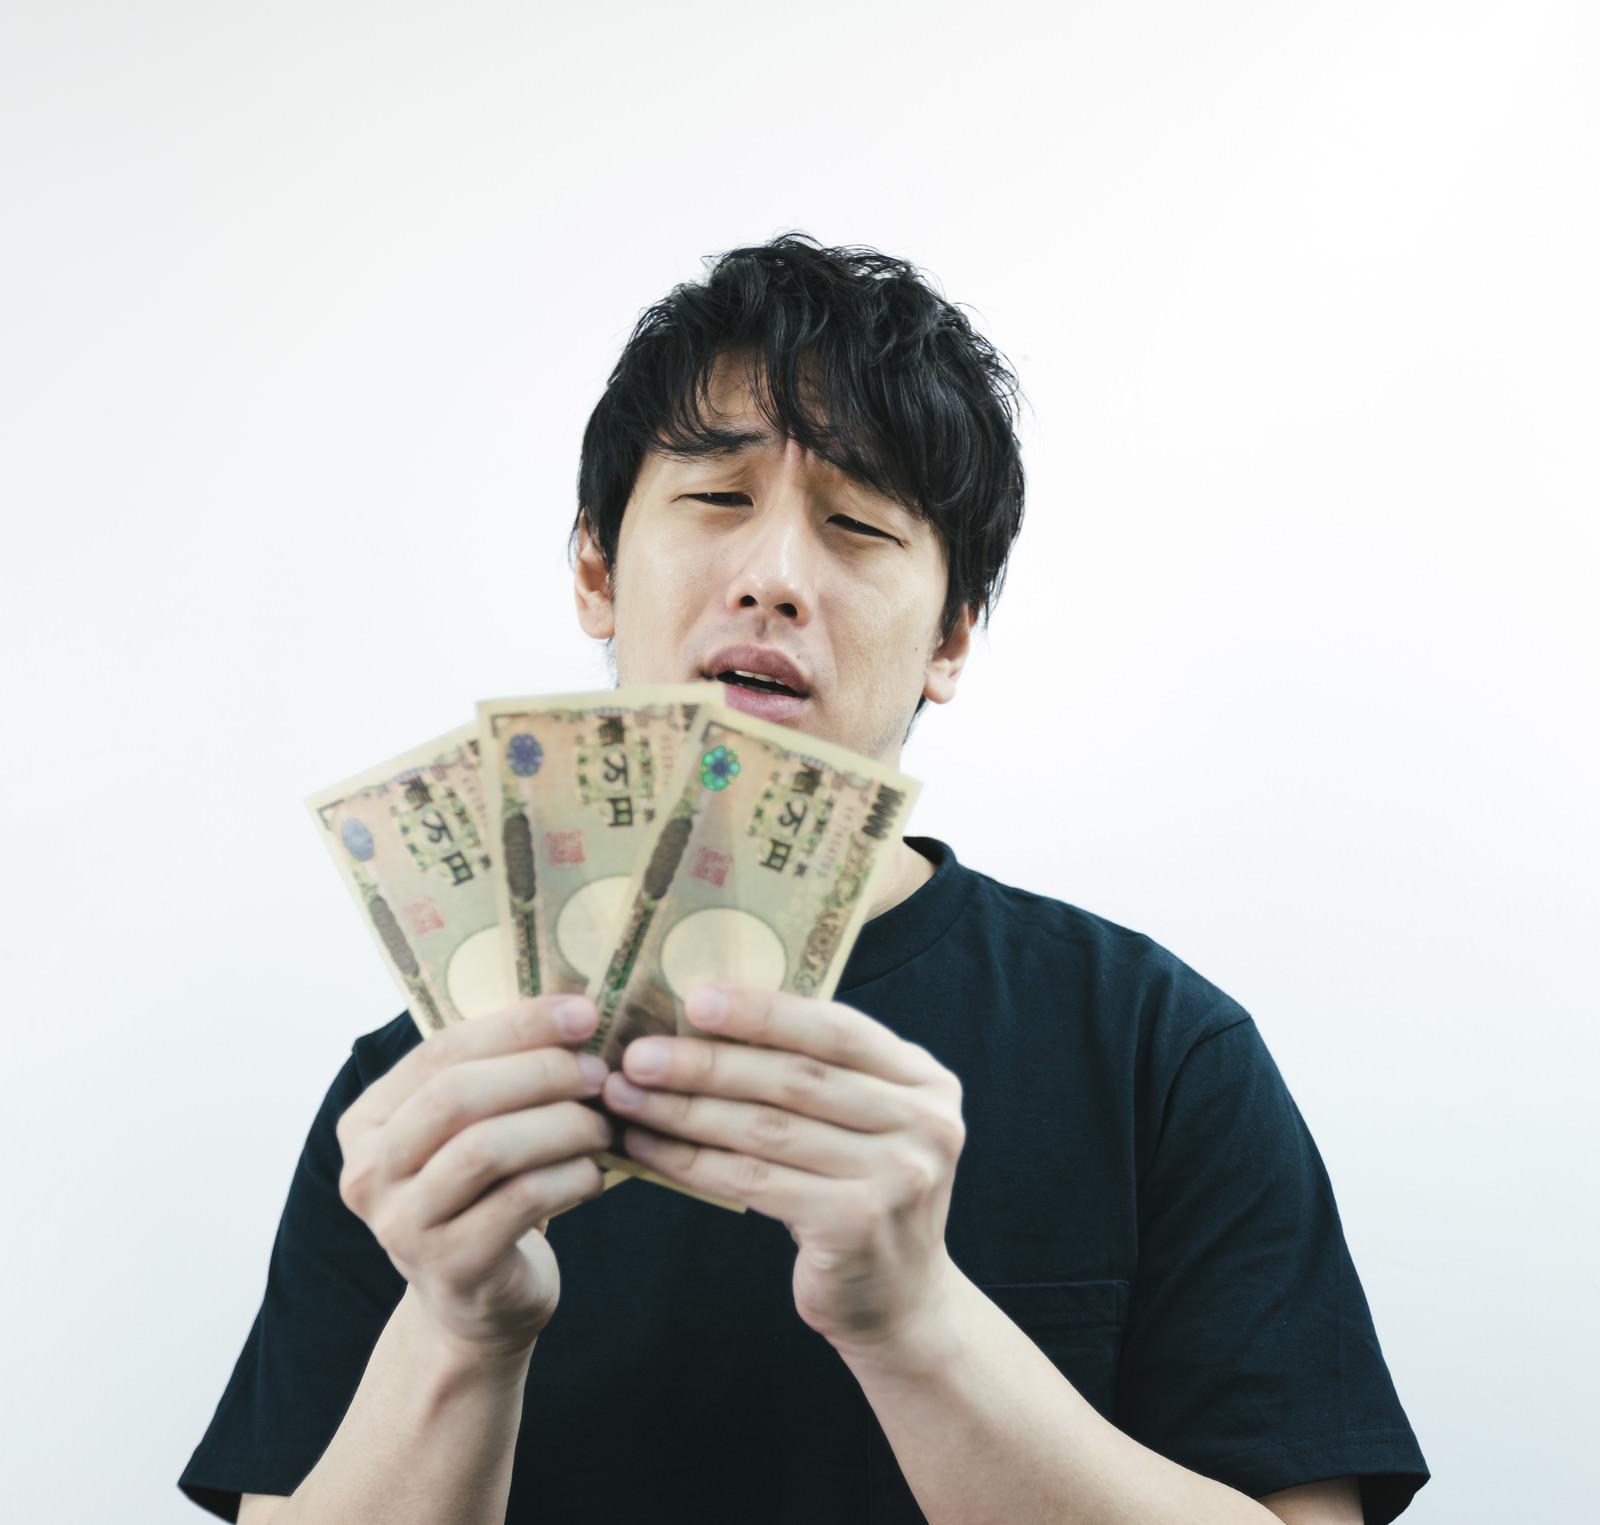 に 困っ たら お金 「お金って何?」と聞かれたらなんて答える?